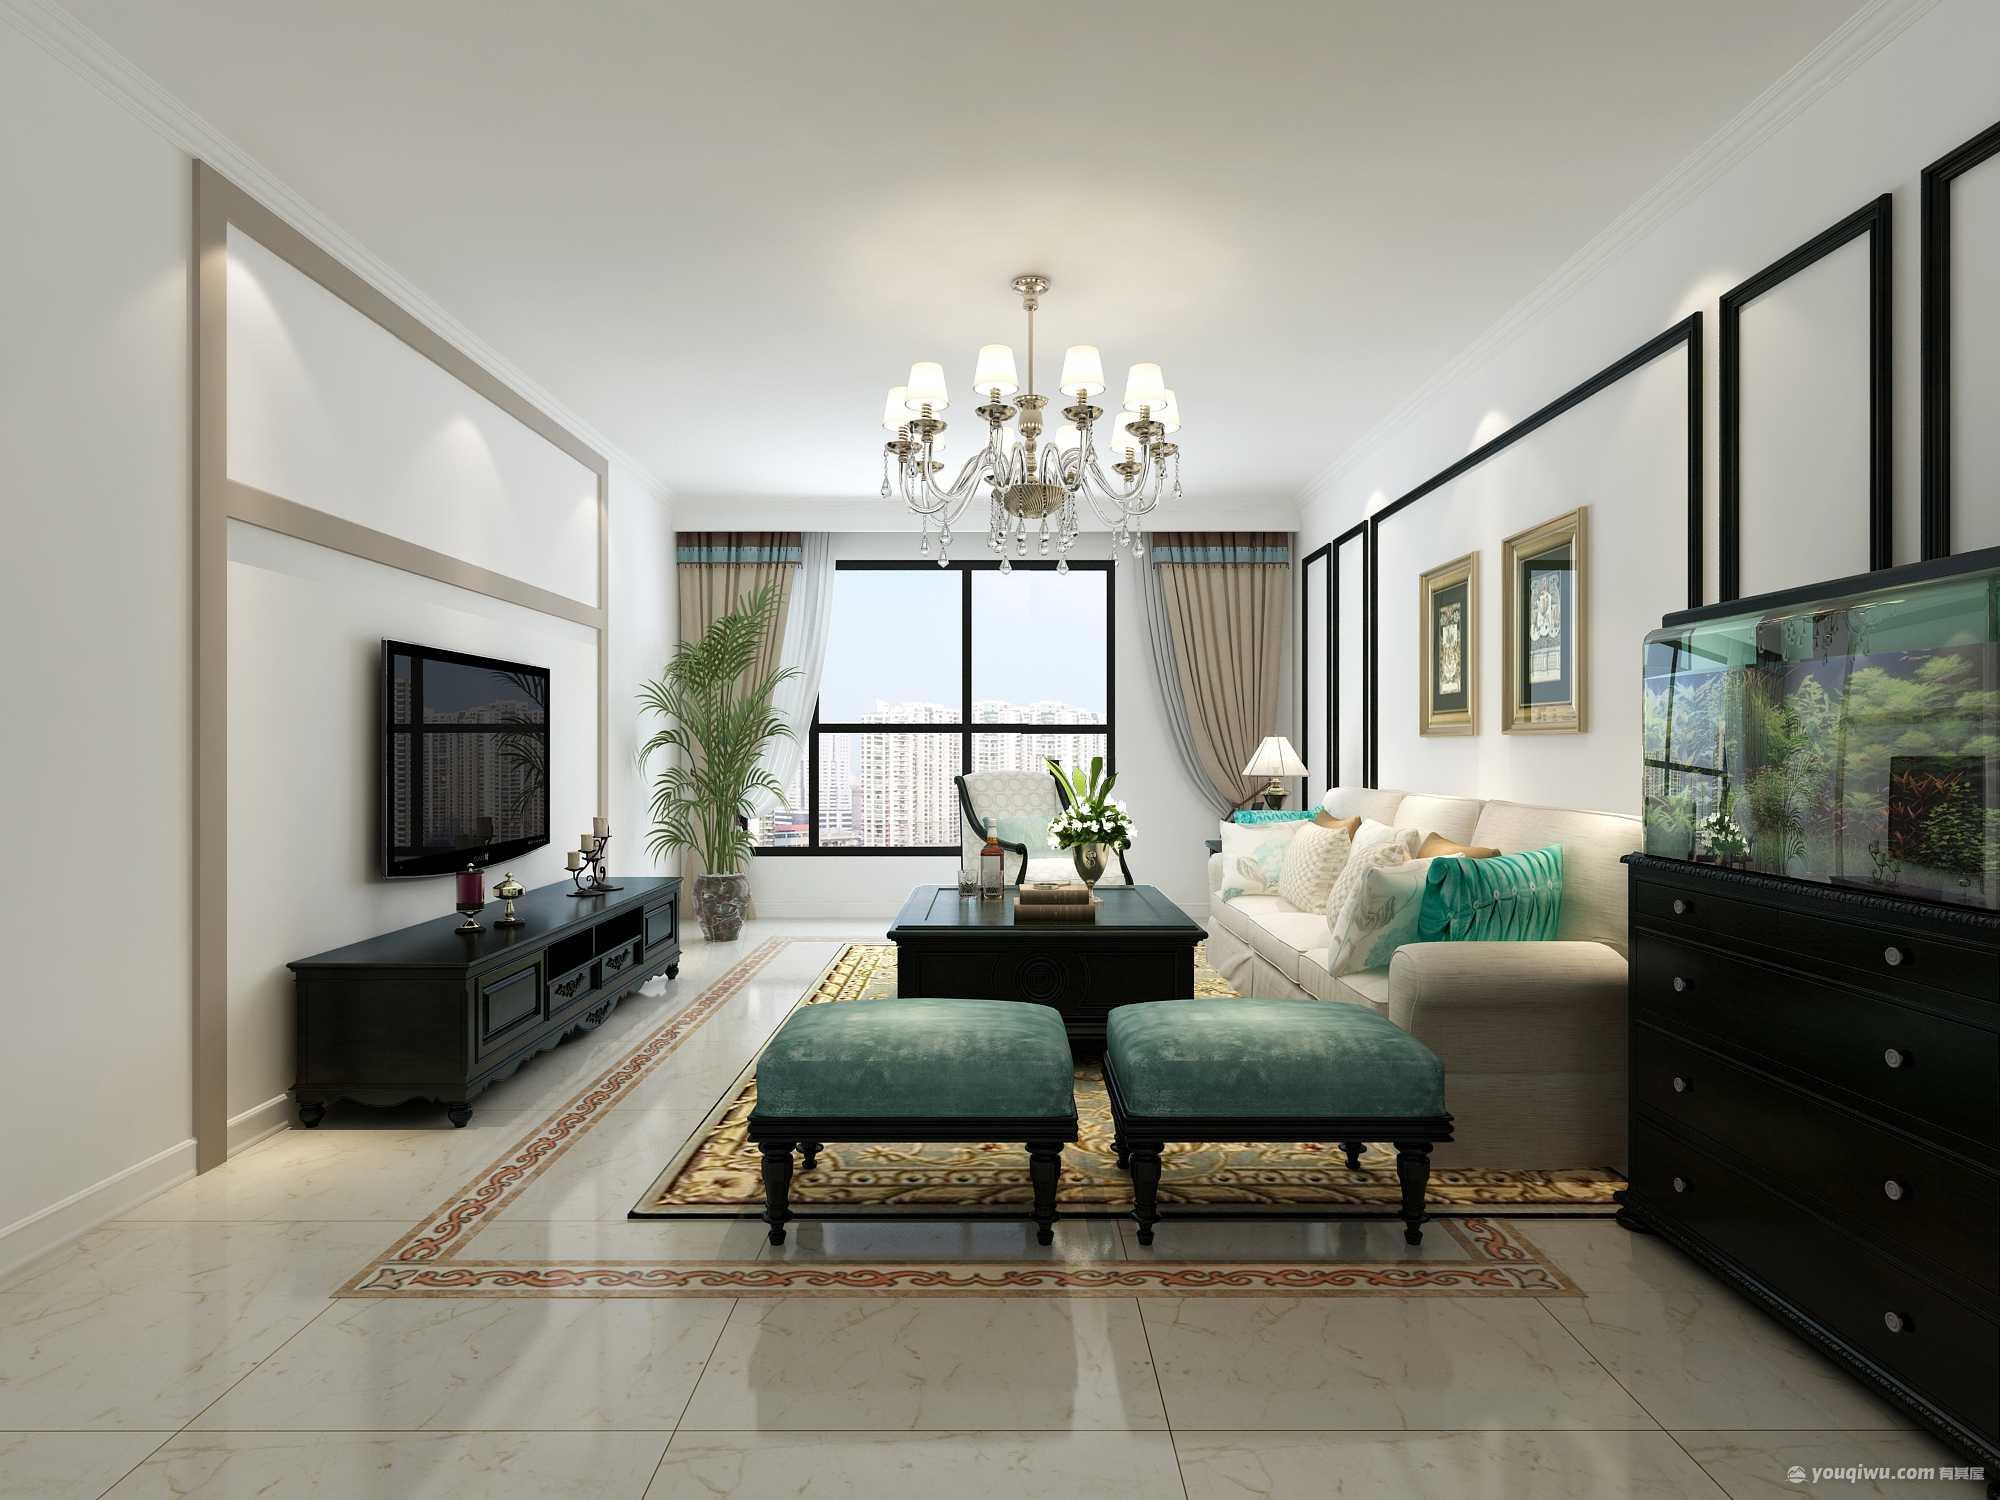 平谷香书湾二居室简欧风格装修效果图